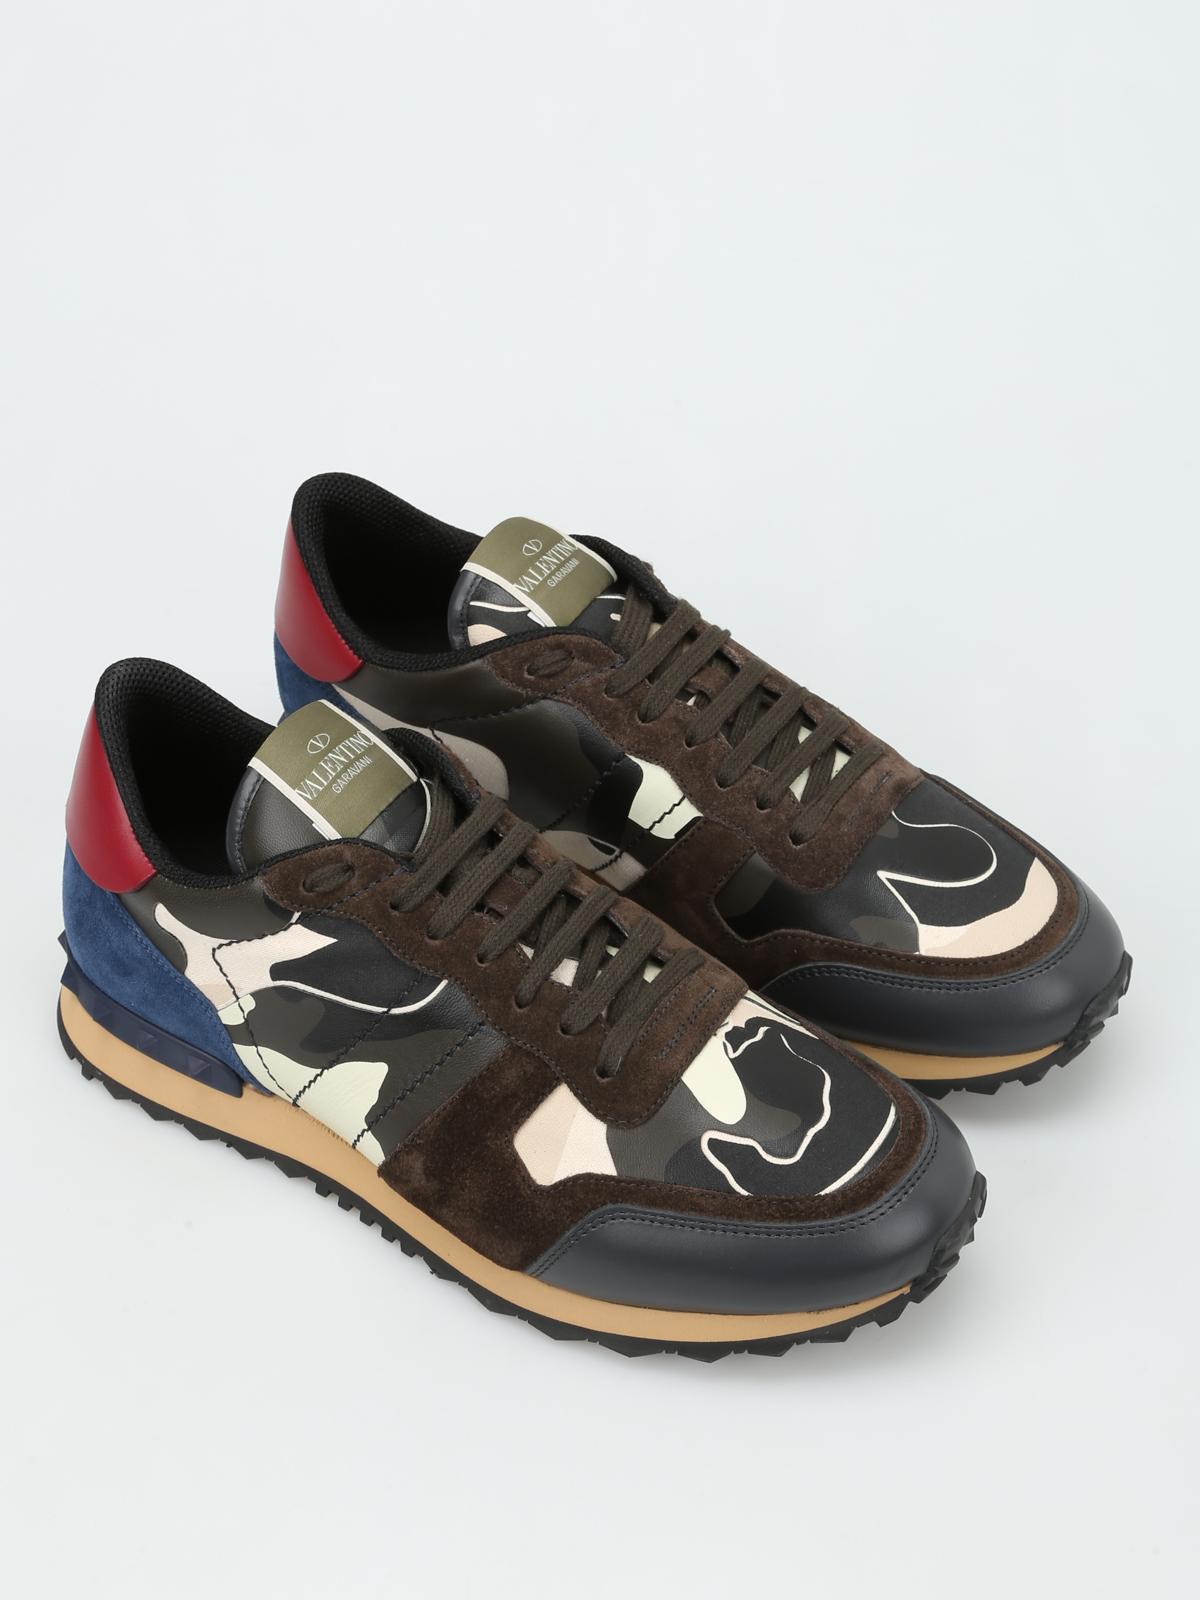 Garavani Chaussures Valentino Camouflage Rockrunner De Baskets Sxn4qwR